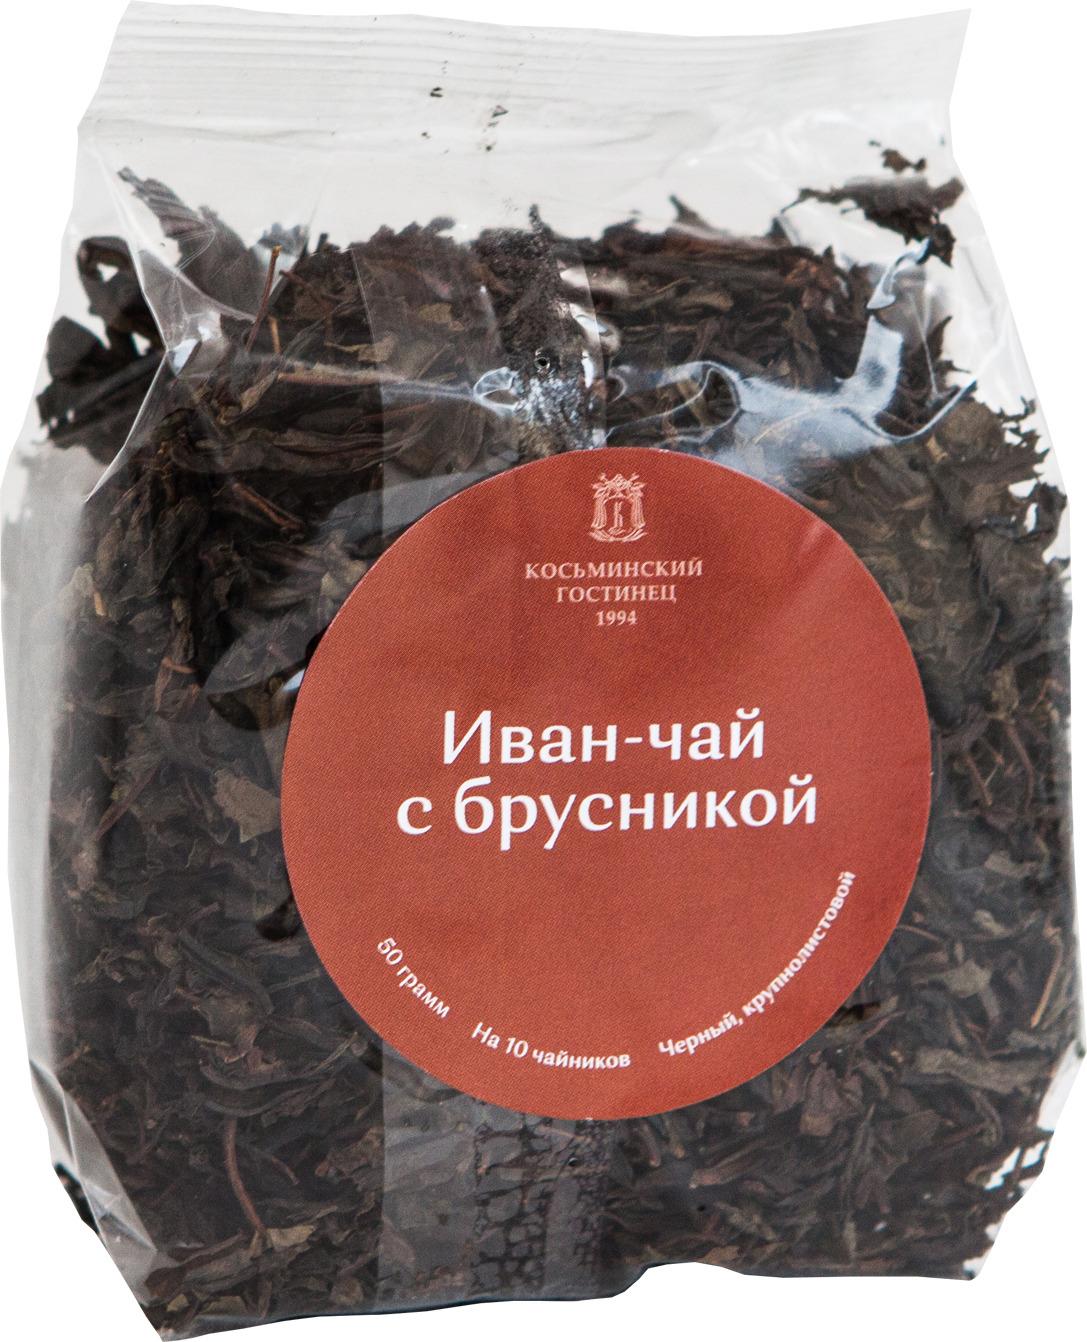 Иван-чай крупнолистовой Косьминский гостинец, с брусникой, 50 г иван чай крупнолистовой косьминский гостинец с мелиссой 50 г